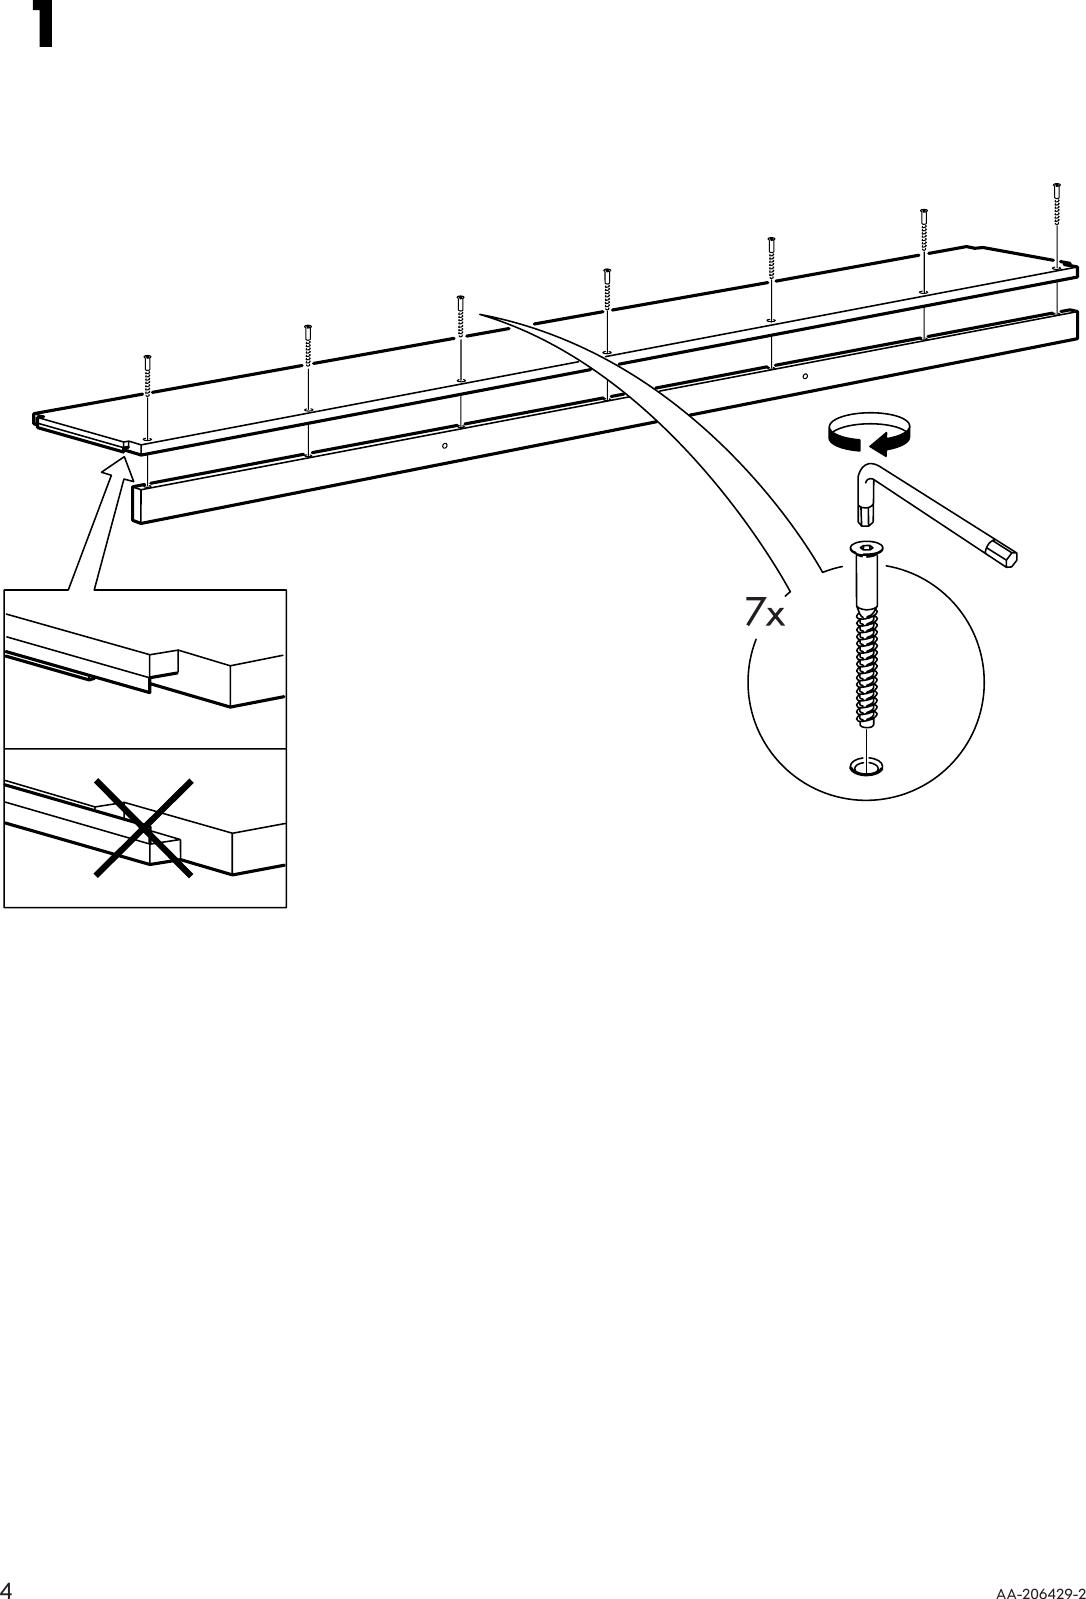 Ikea Ivar Shelf 82 5 8x11 3 4 Assembly Instruction